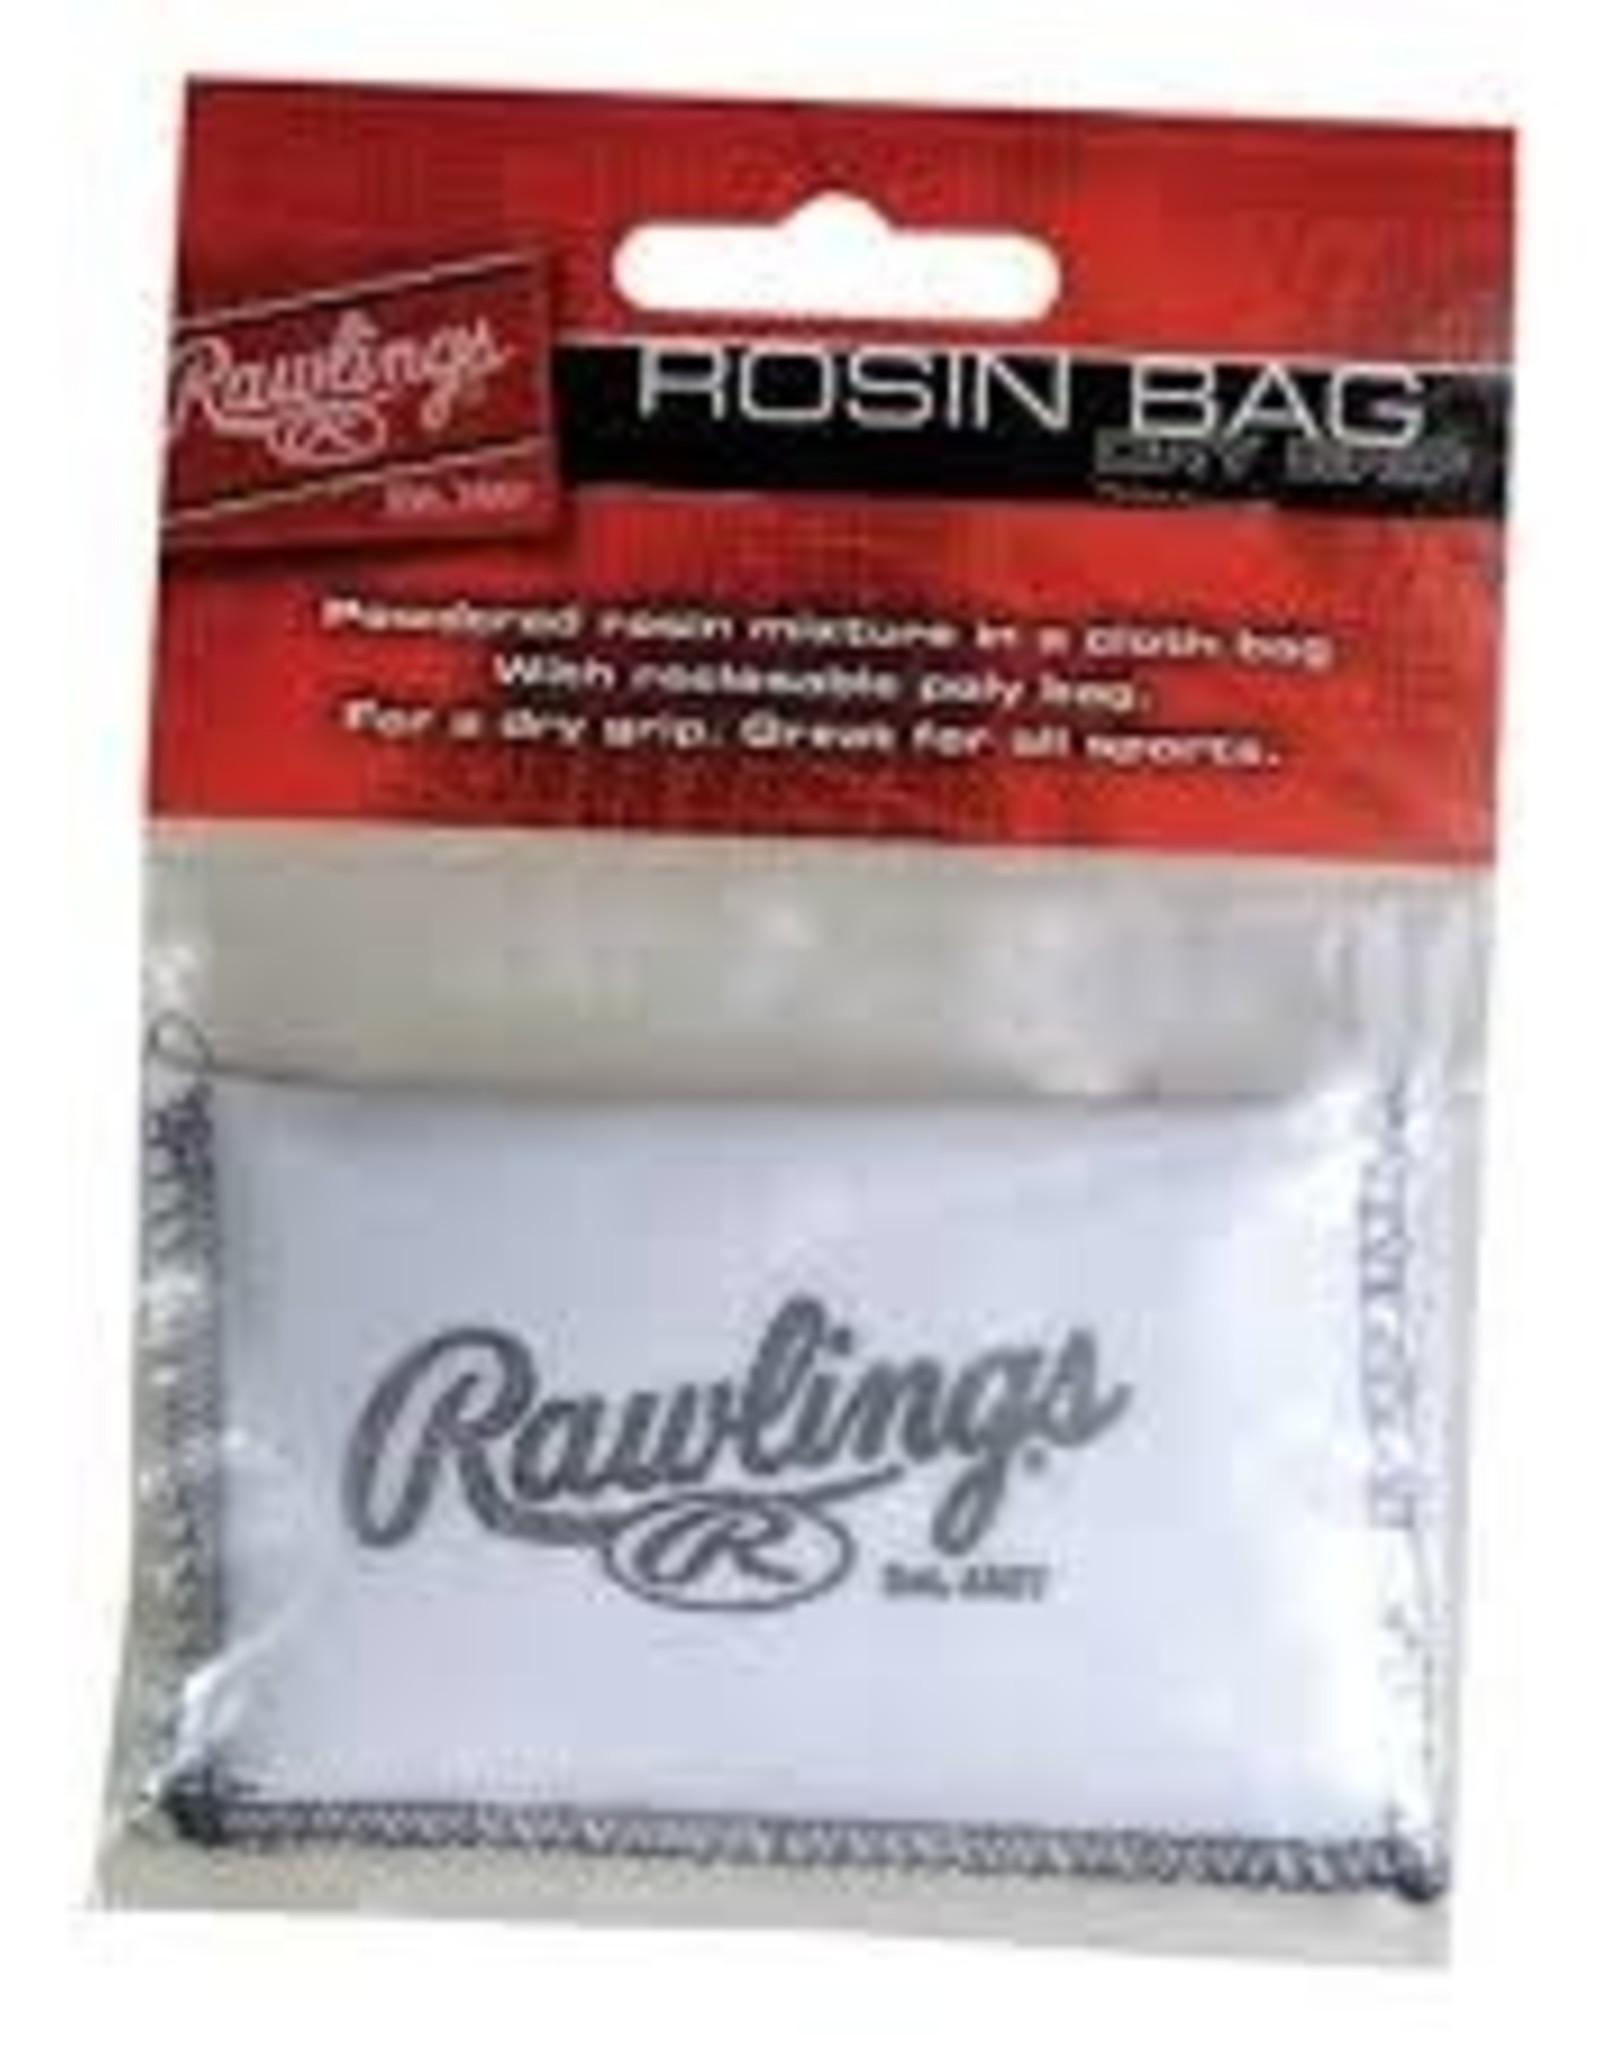 Rawlings Rawlings Small Rosin Bag (dry grip) sac main sec